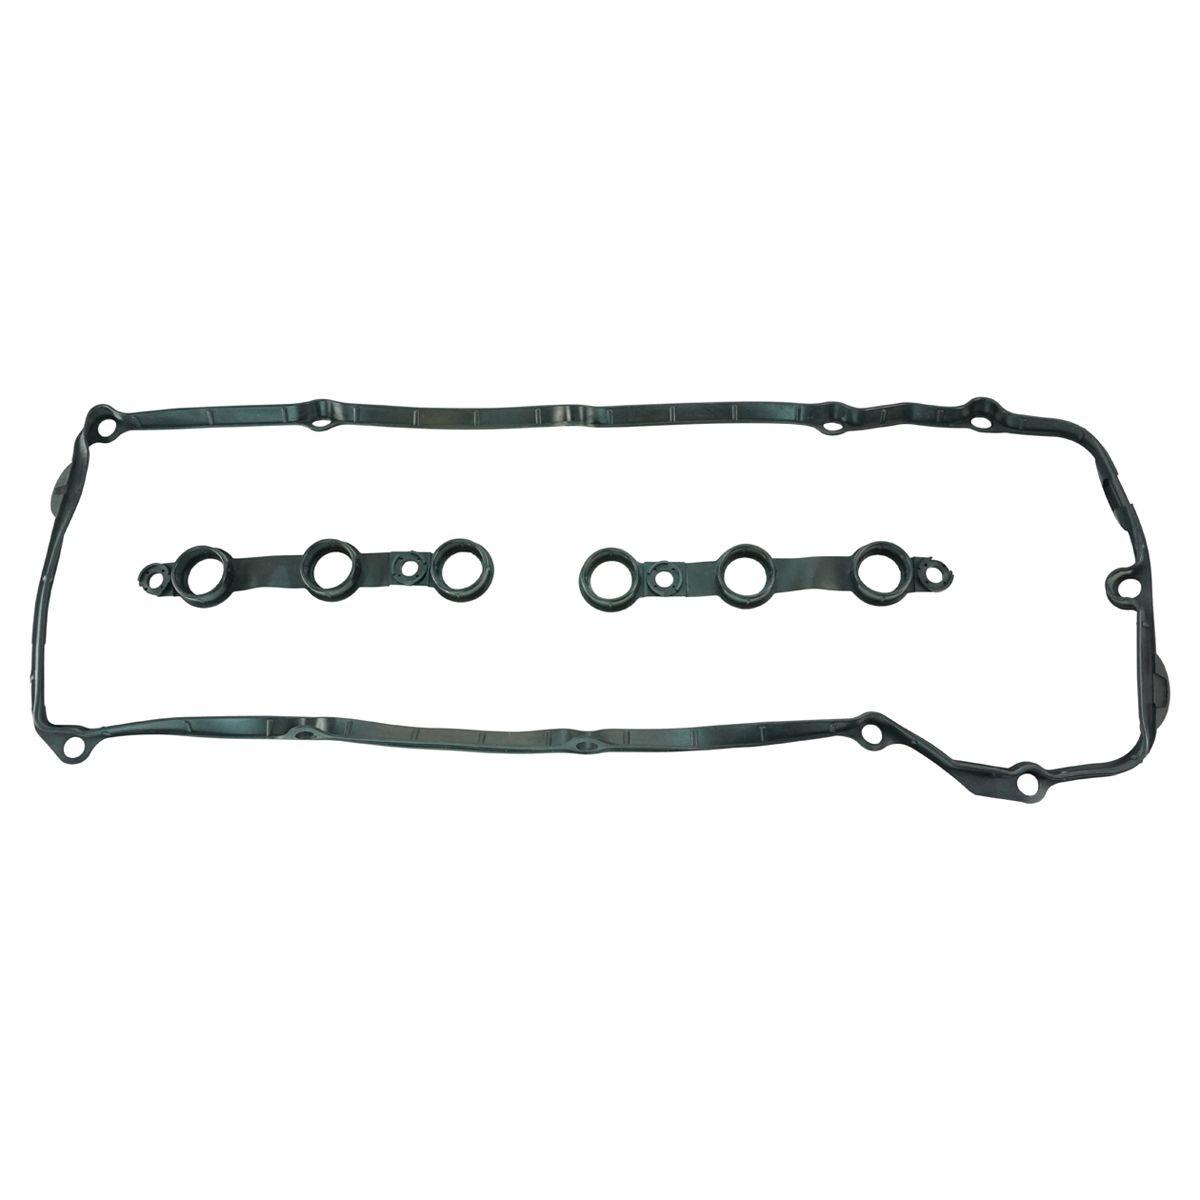 Valve Cover Gasket Amp Tube Seals For Bmw 325i 330i 525i